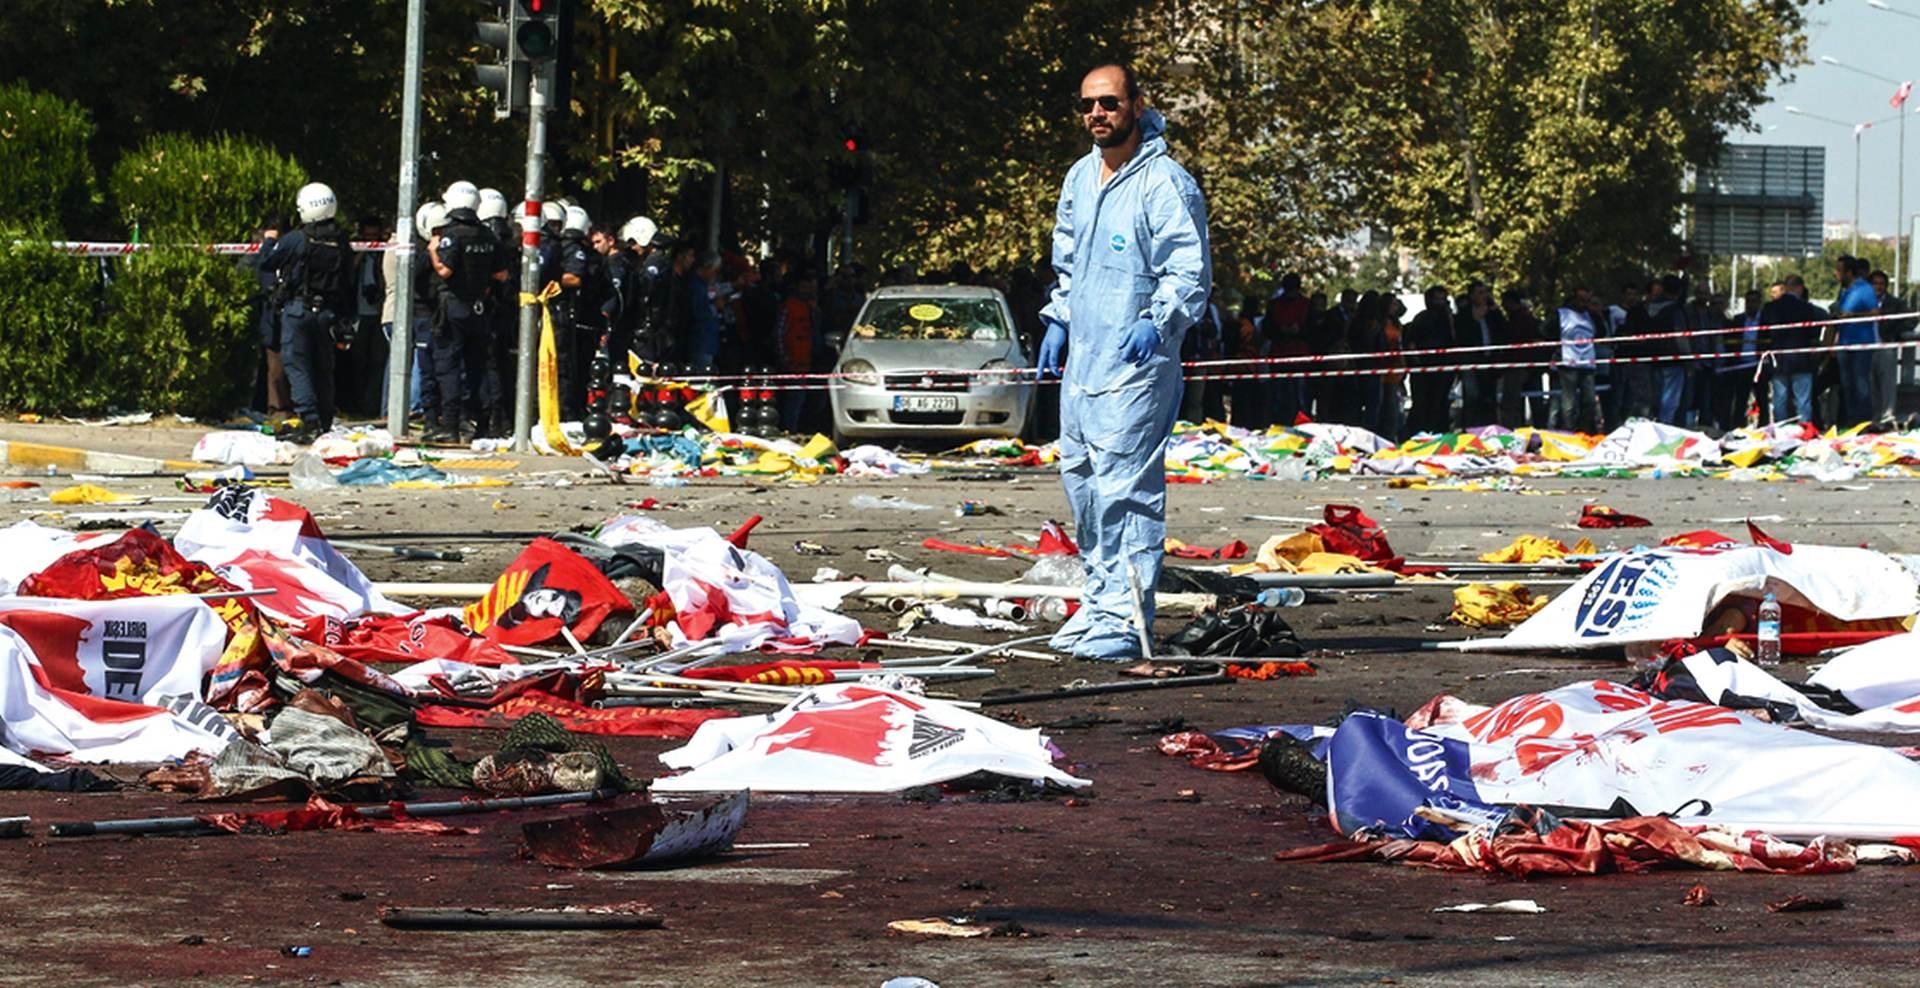 EKSKLUZIVNO IZ ANKARE: Cilj napada bio je povećati napetost između Turaka i Kurda